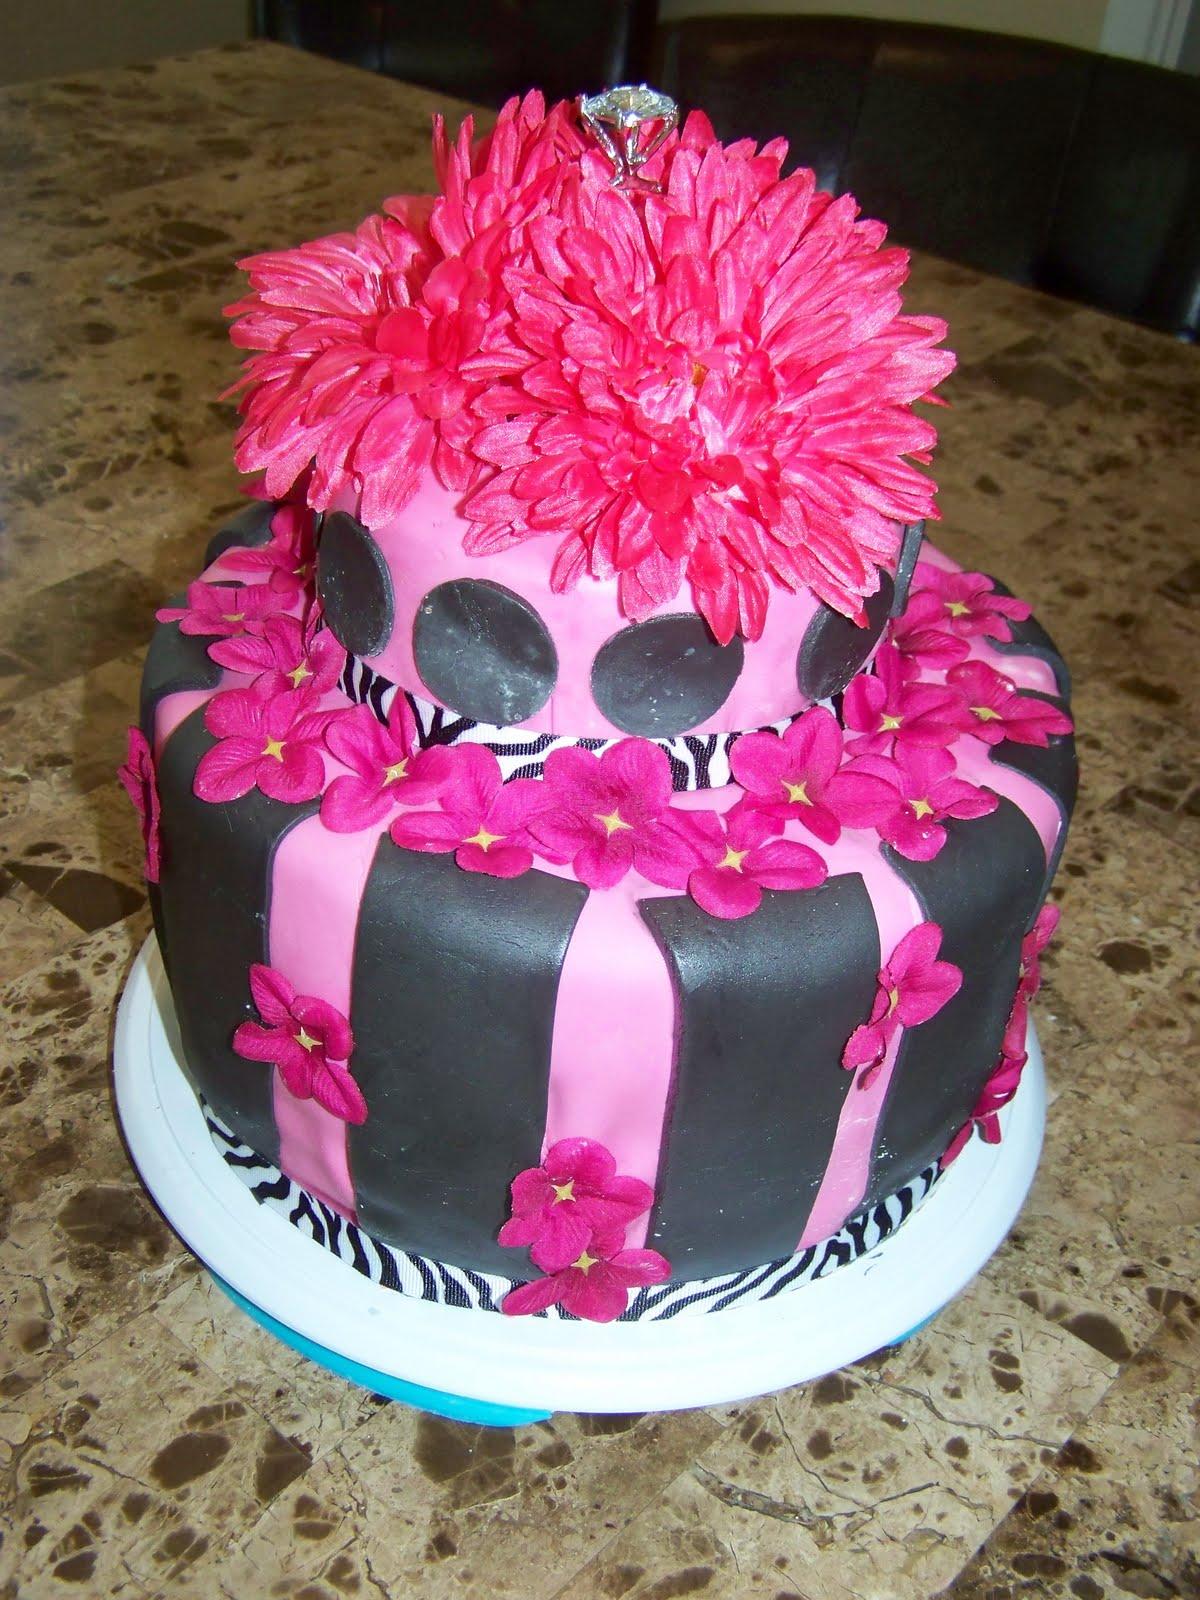 Bling Bridal Shower Cake